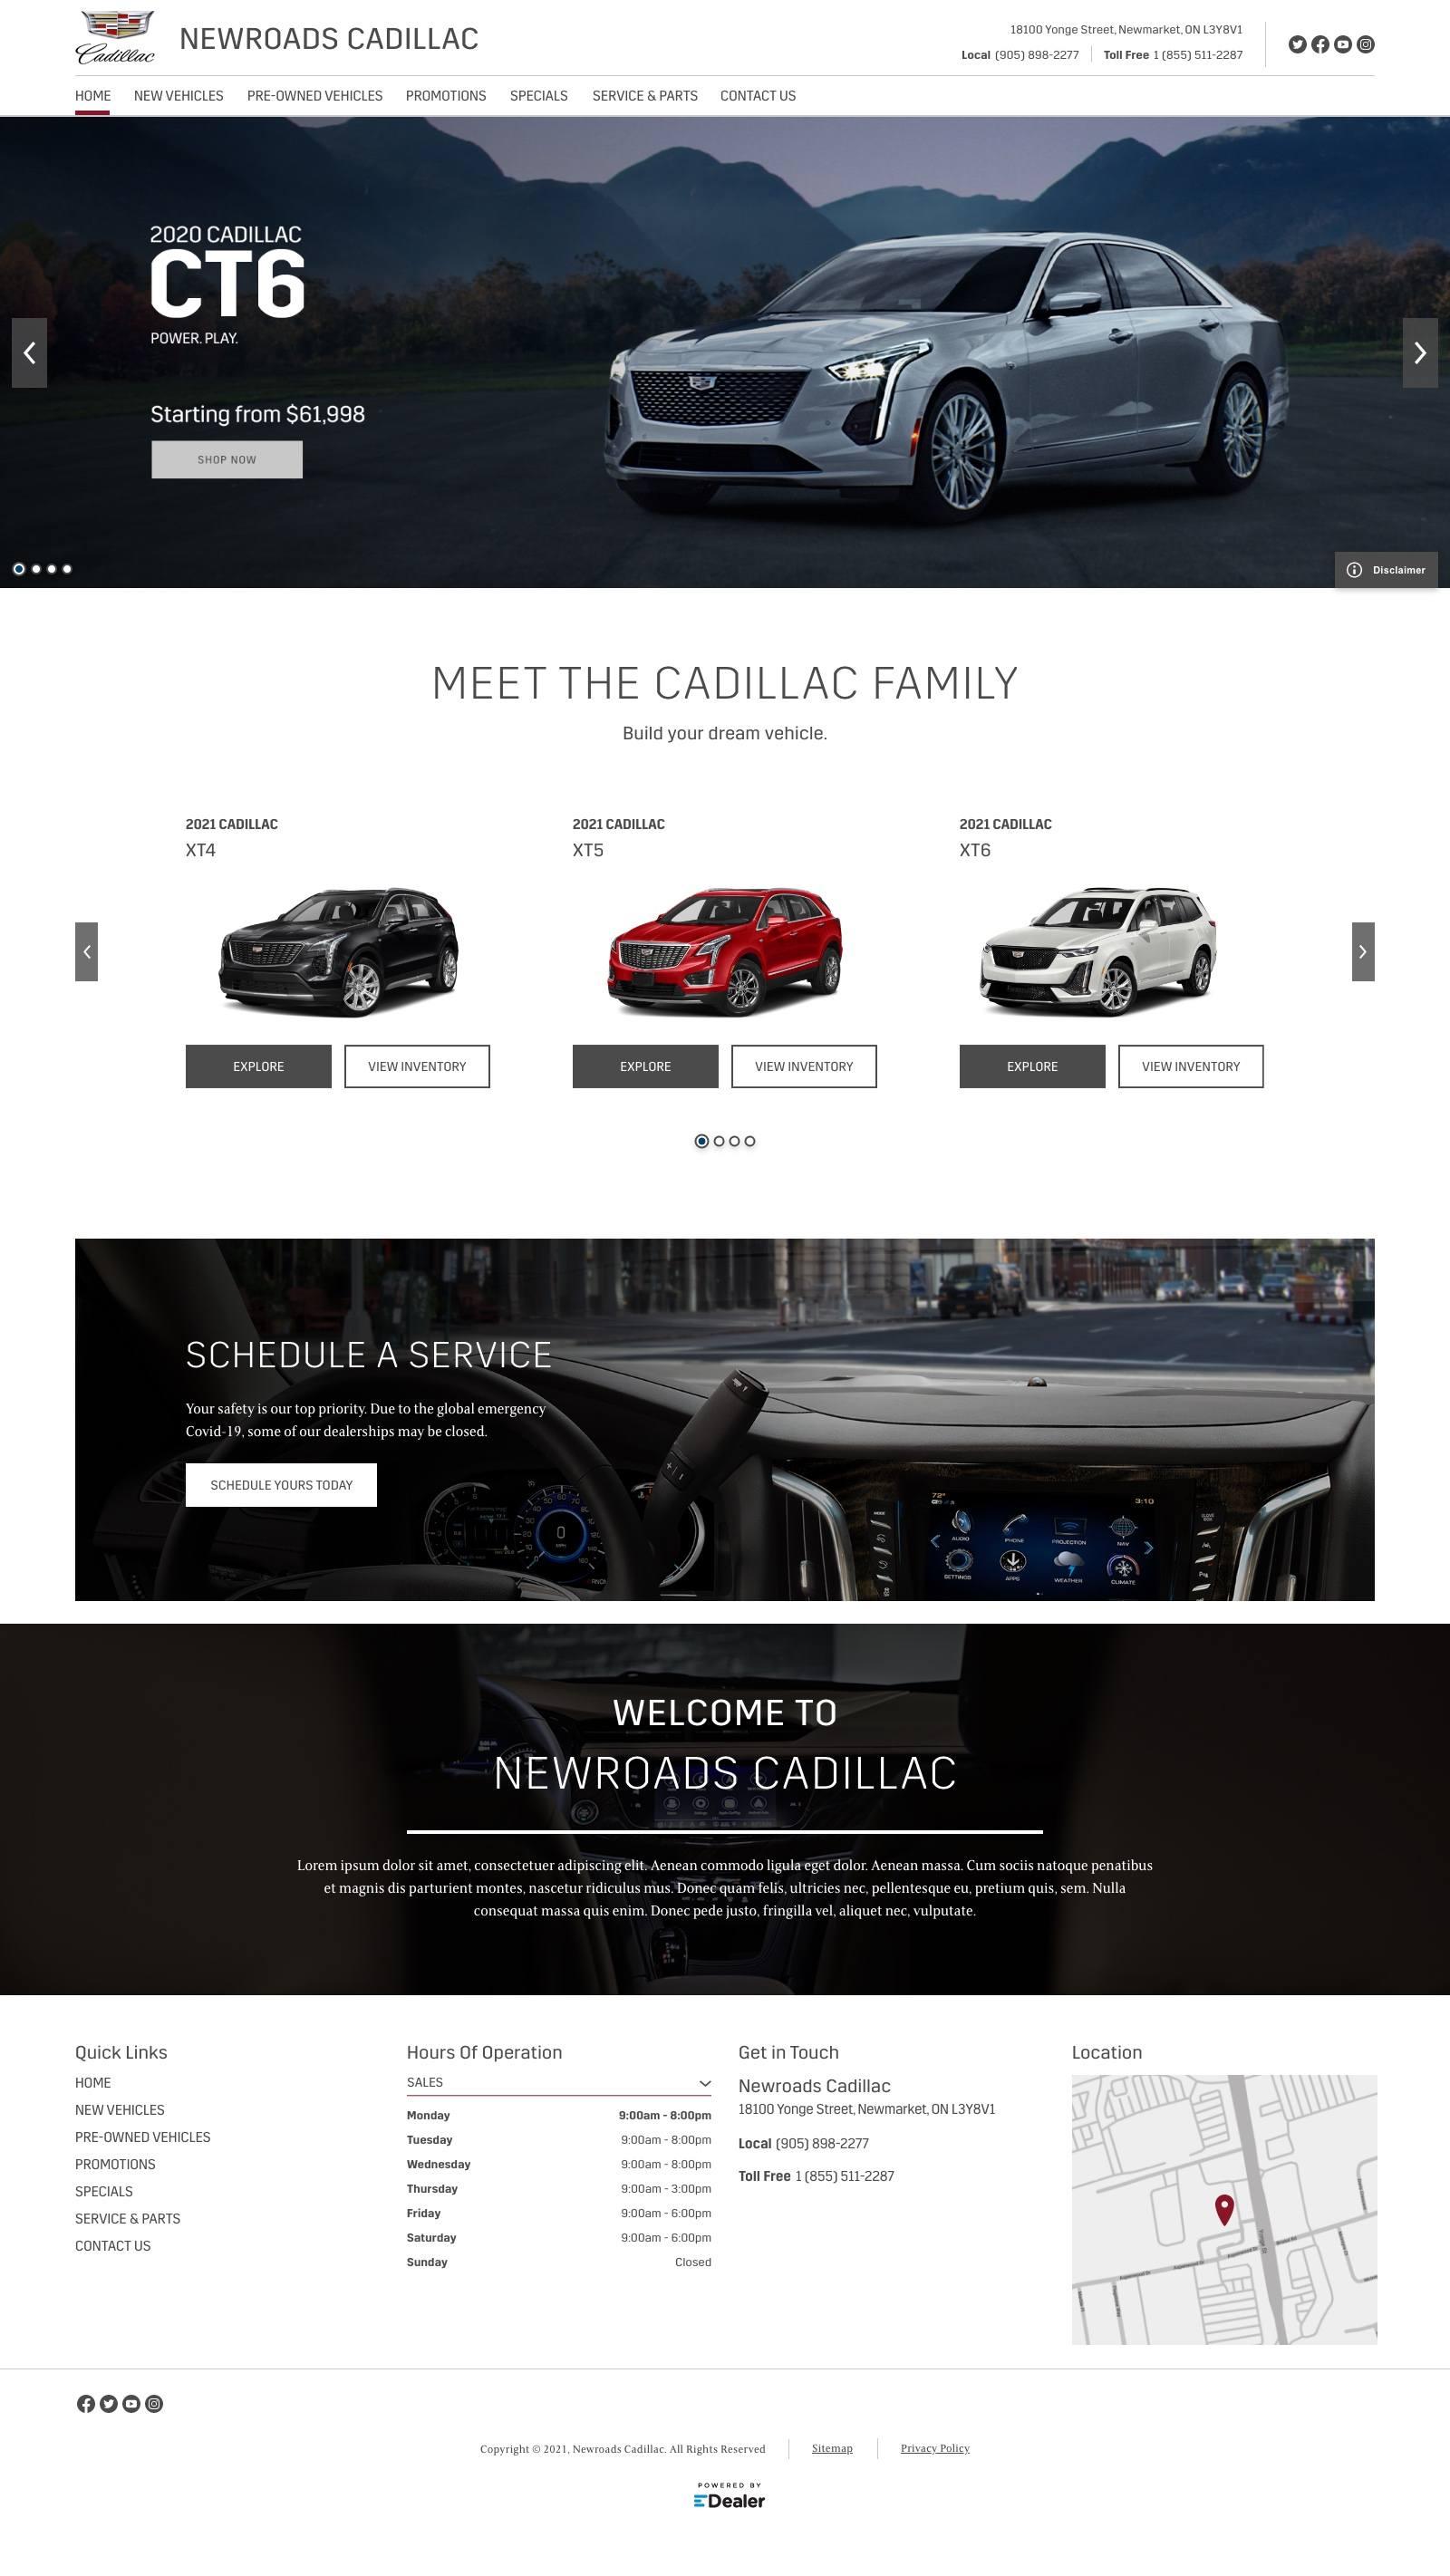 NewRoads Cadillac